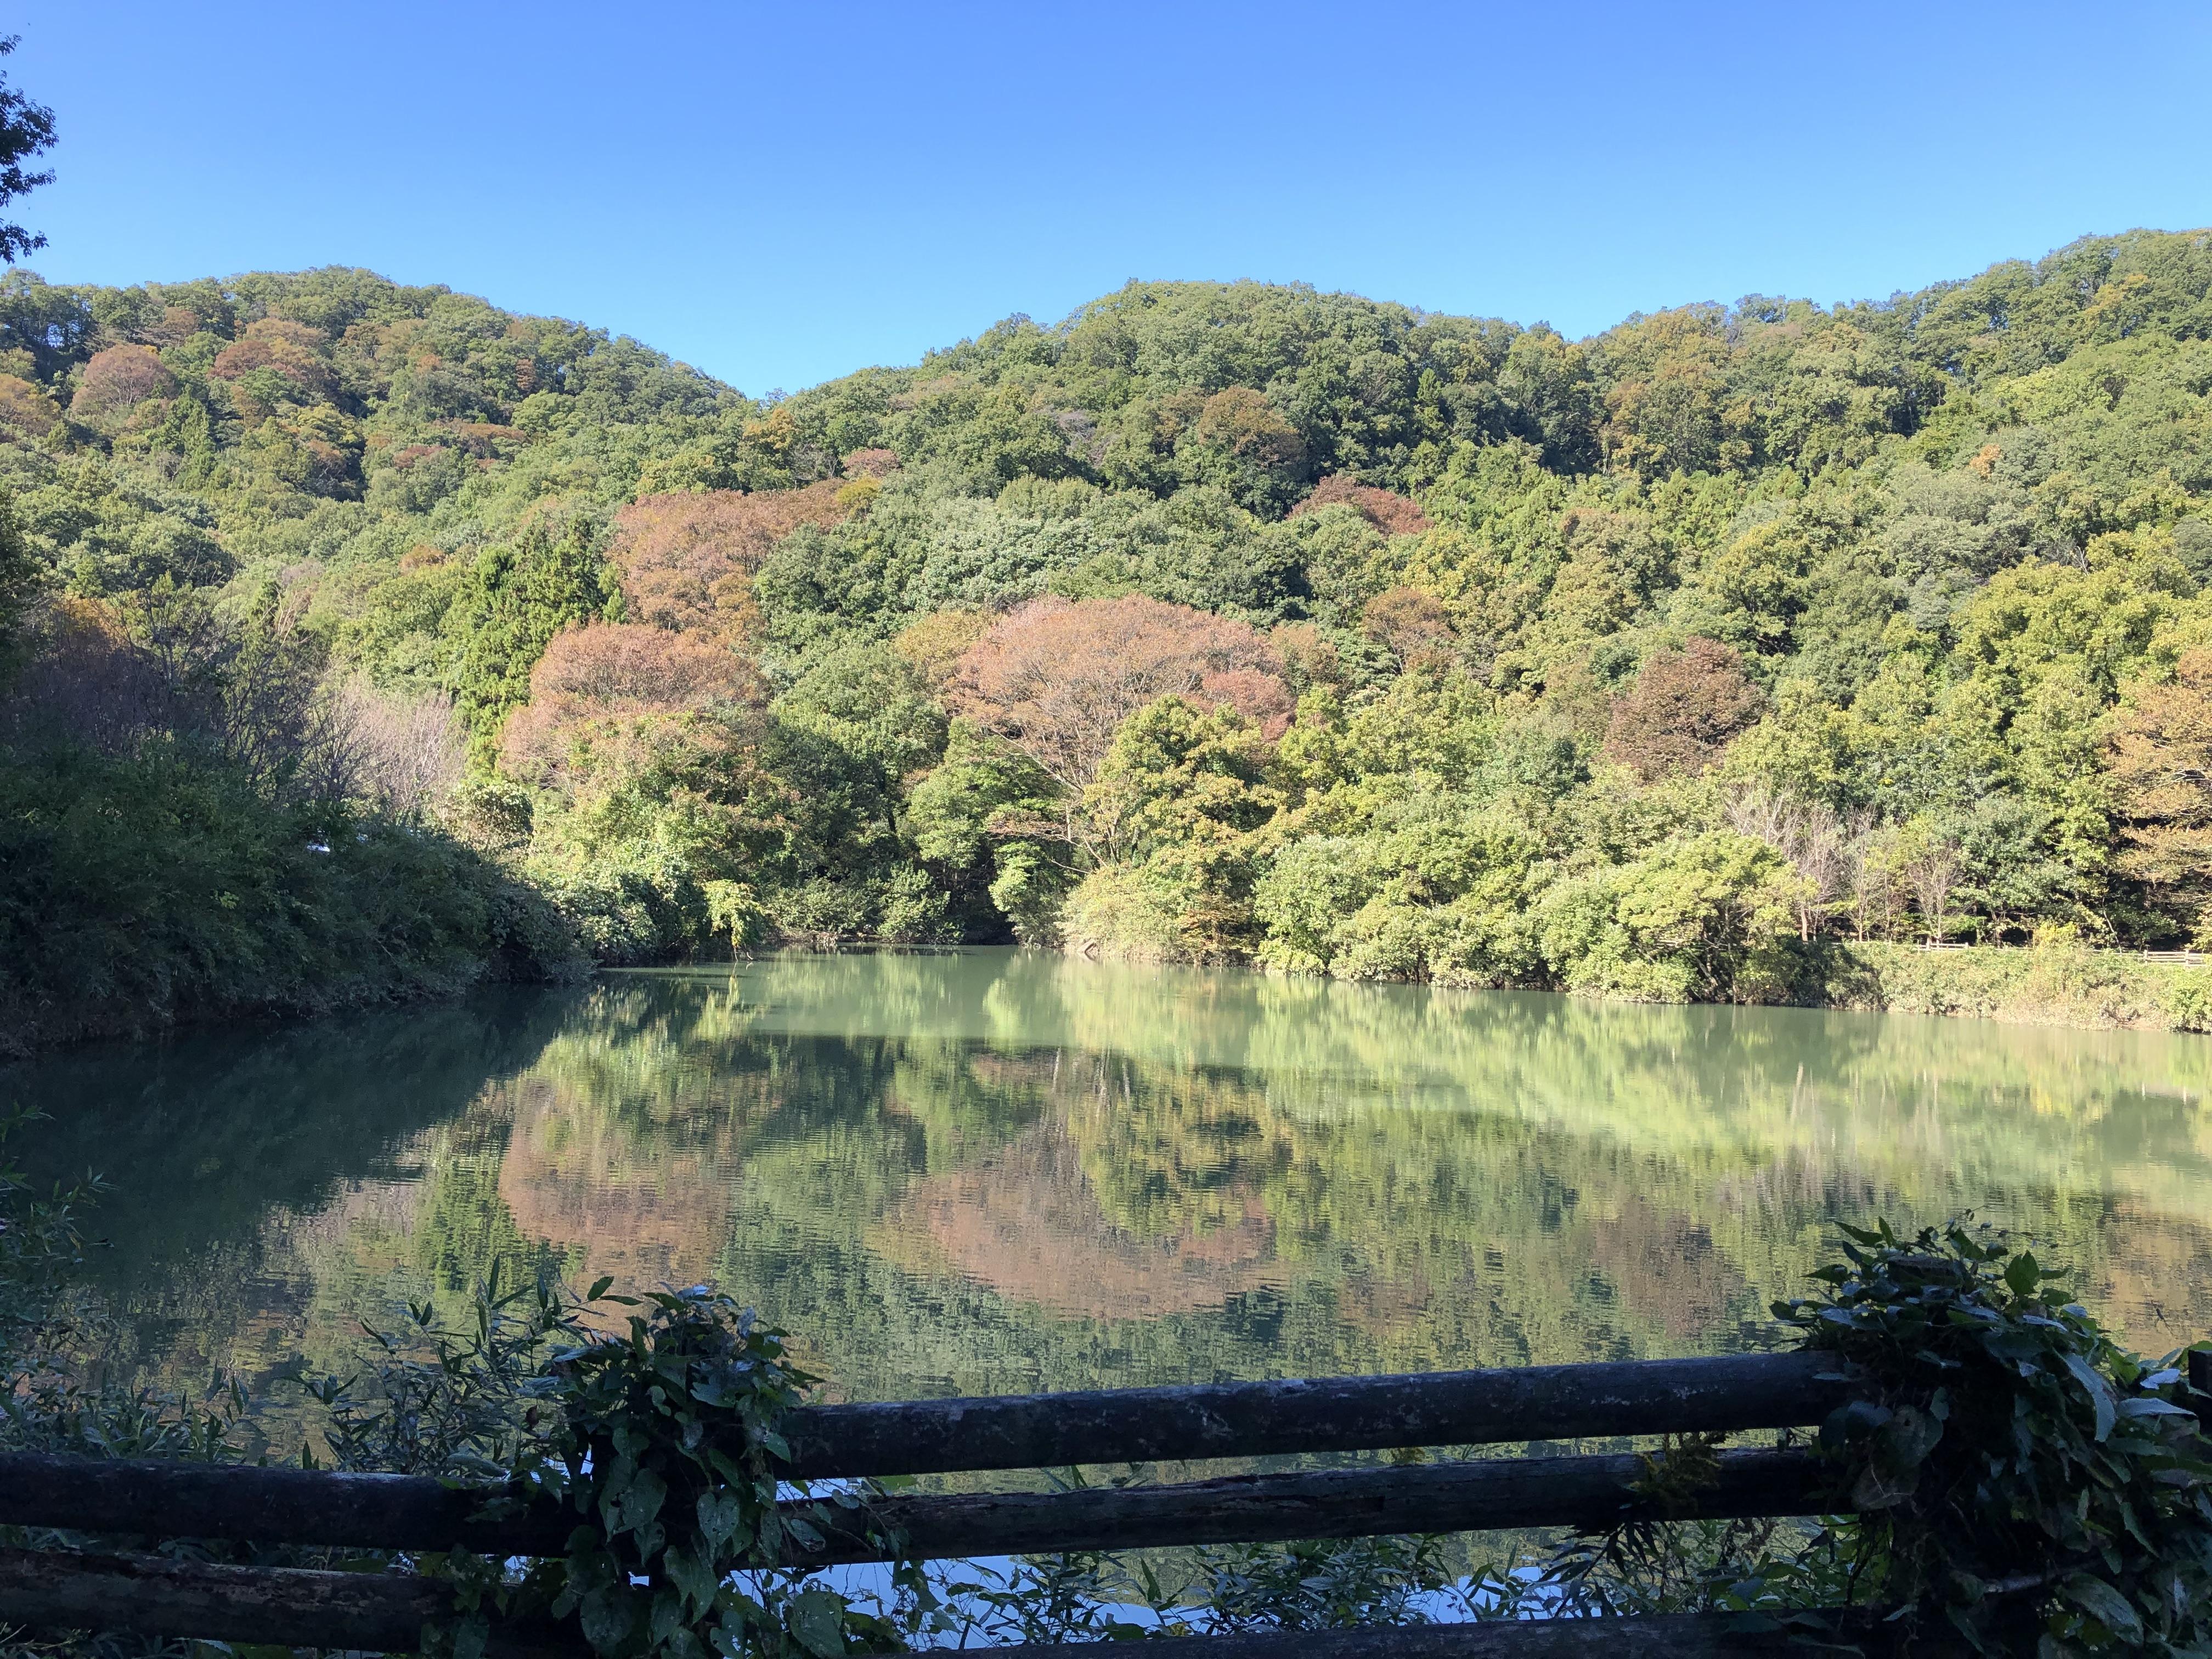 鐘撞堂山の霧ヶ谷津池